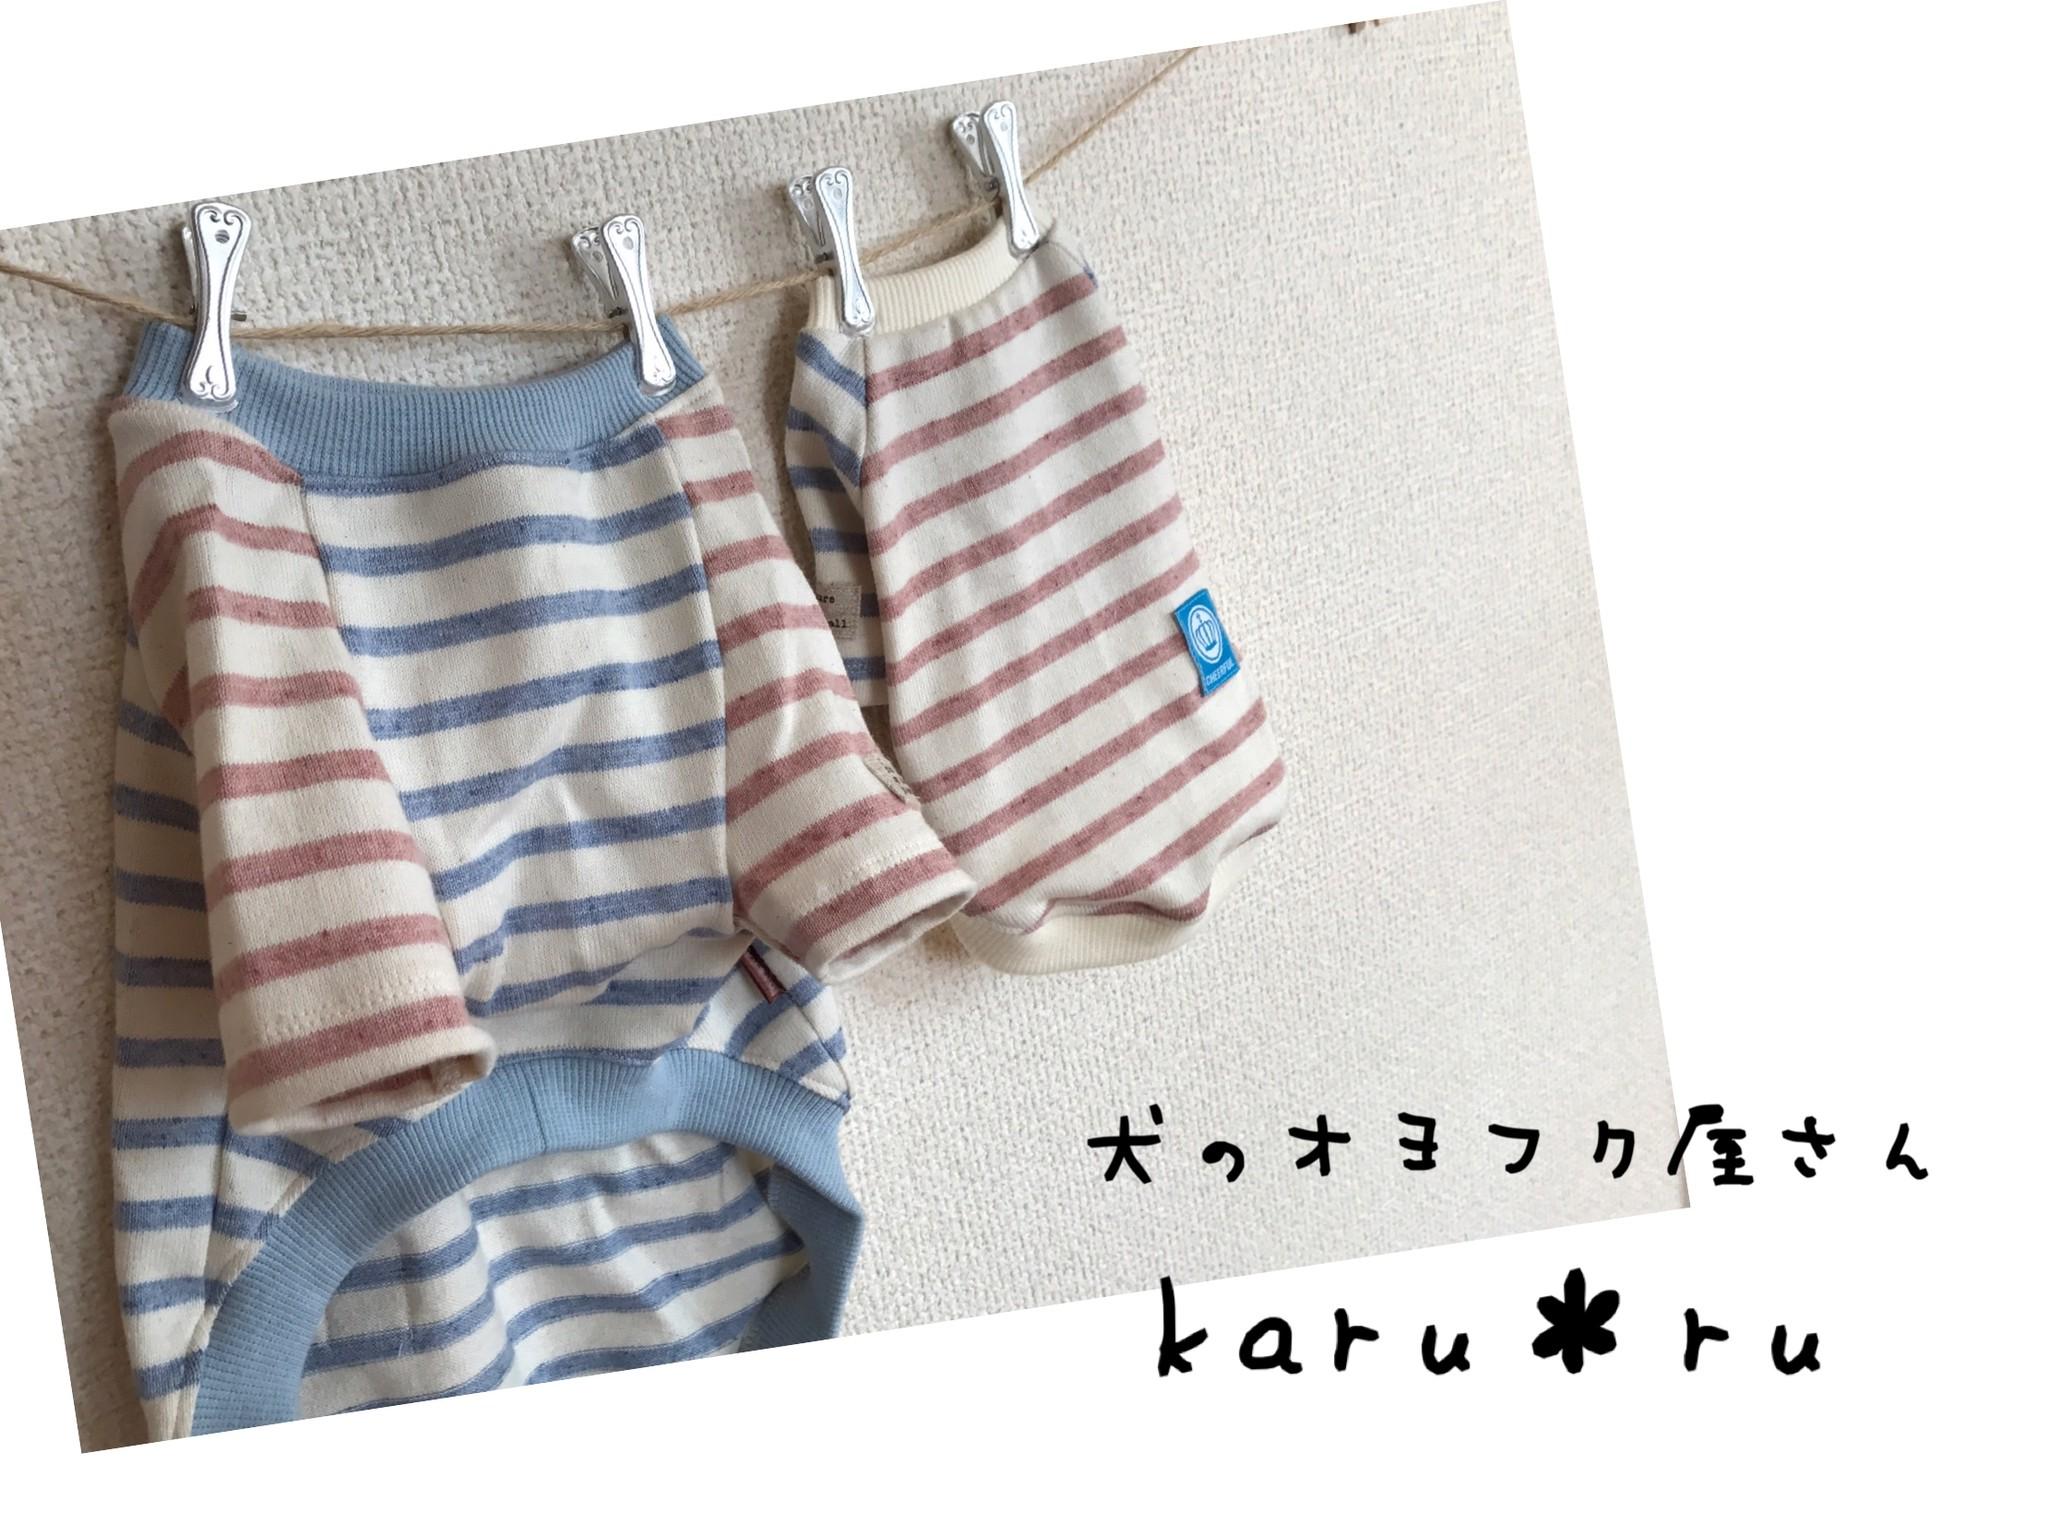 犬服☆犬のオヨフク屋さん karu*ru